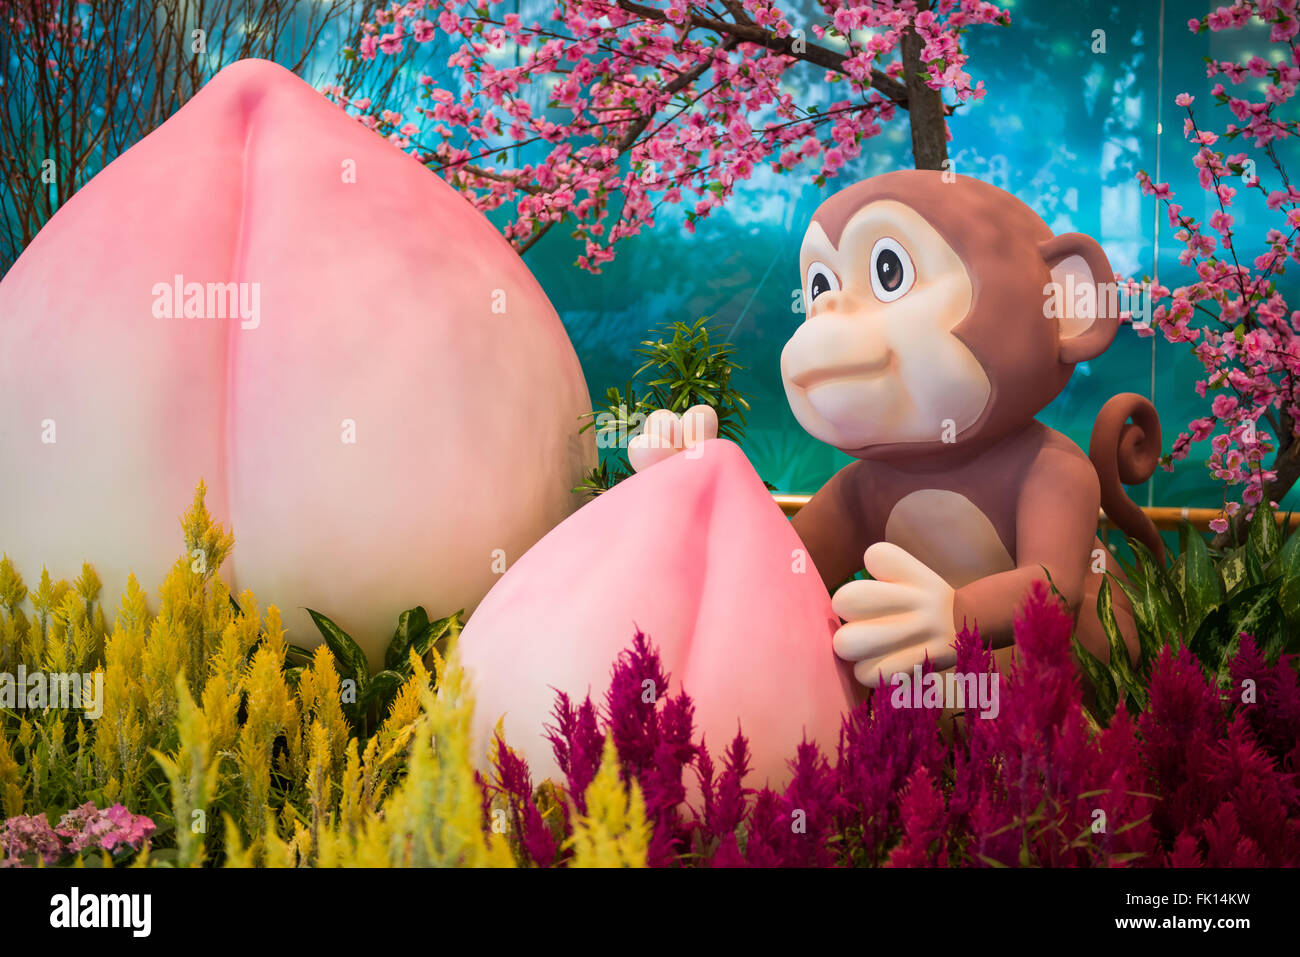 Singapour, 11 févr. 2016: Cute monkey mascot holding peach longévité dans les décorations Photo Stock